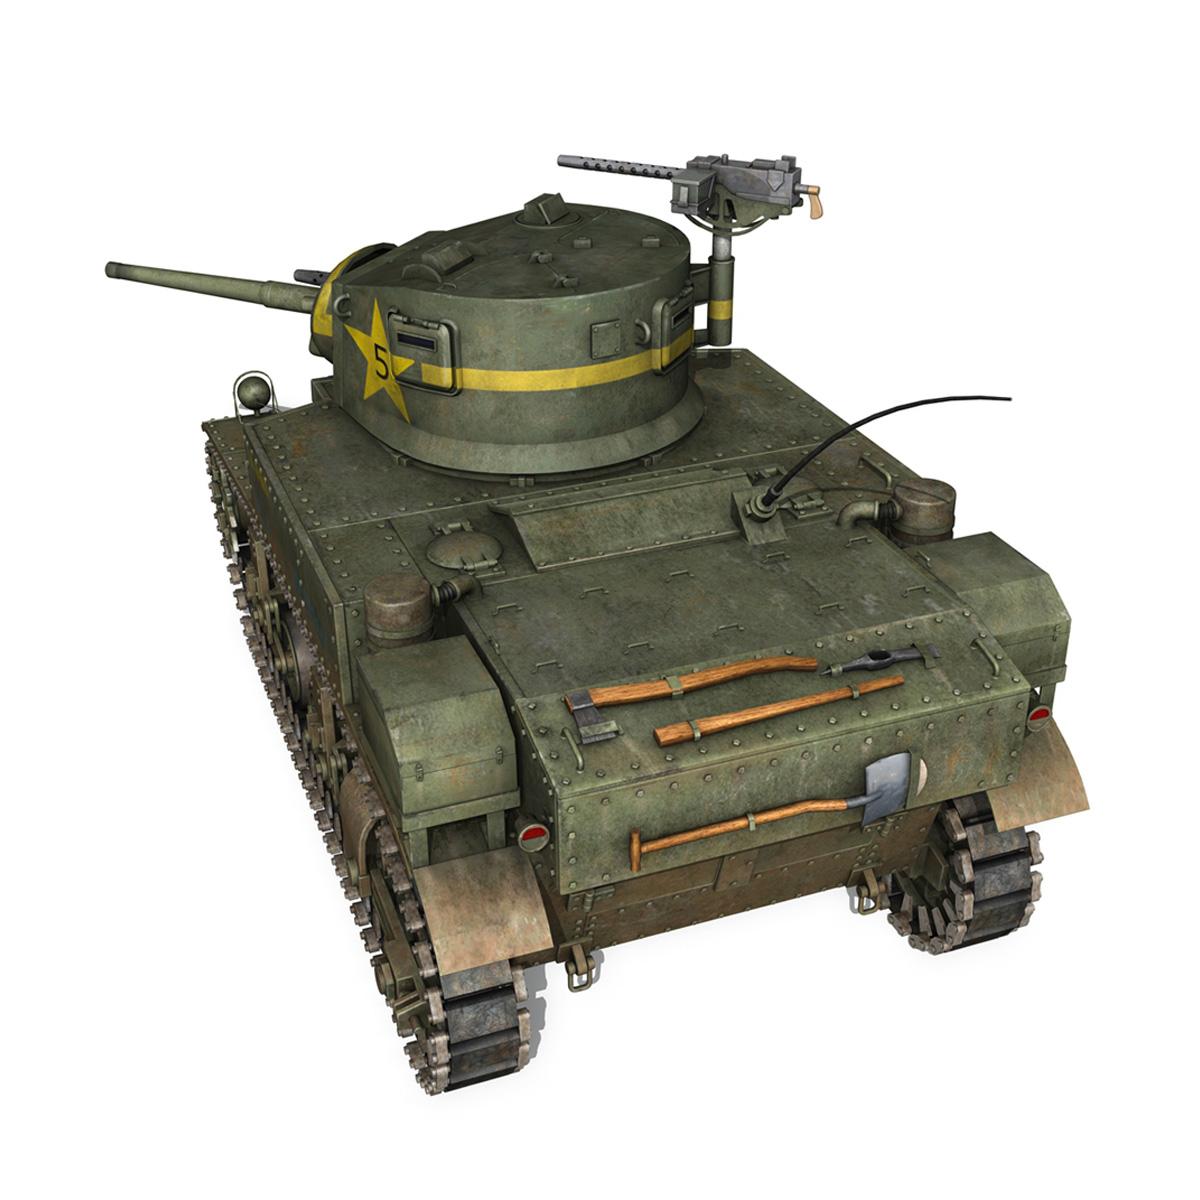 m3 light tank stuart – el diablo 3d model 3ds c4d fbx lwo lw lws obj 265357